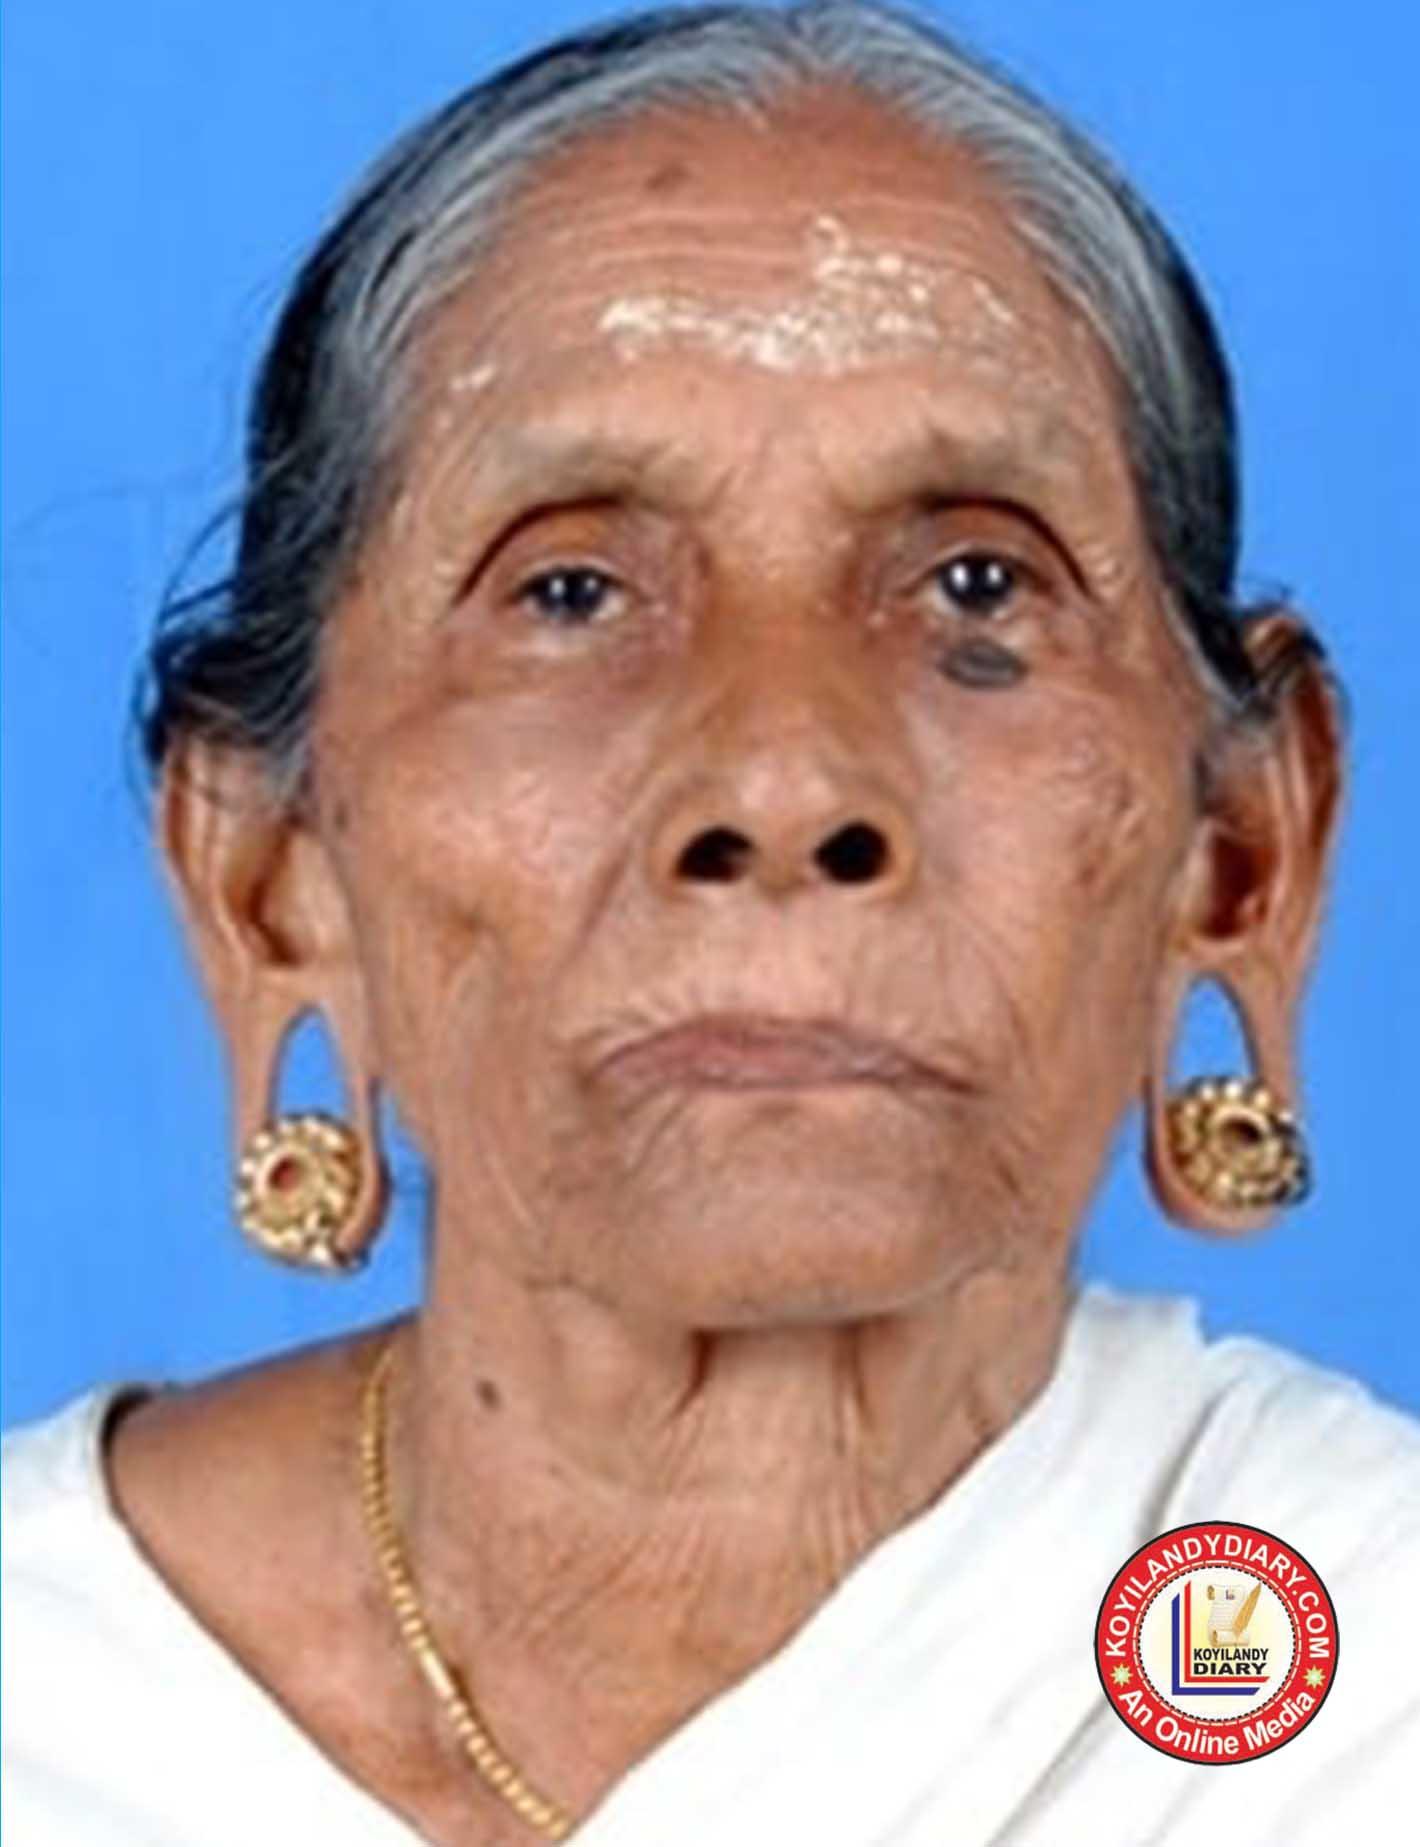 ചെങ്ങോട്ടുകാവ് വാവുലേരി താഴെകുനി ചിരുതേയിക്കുട്ടി അമ്മ  (101)